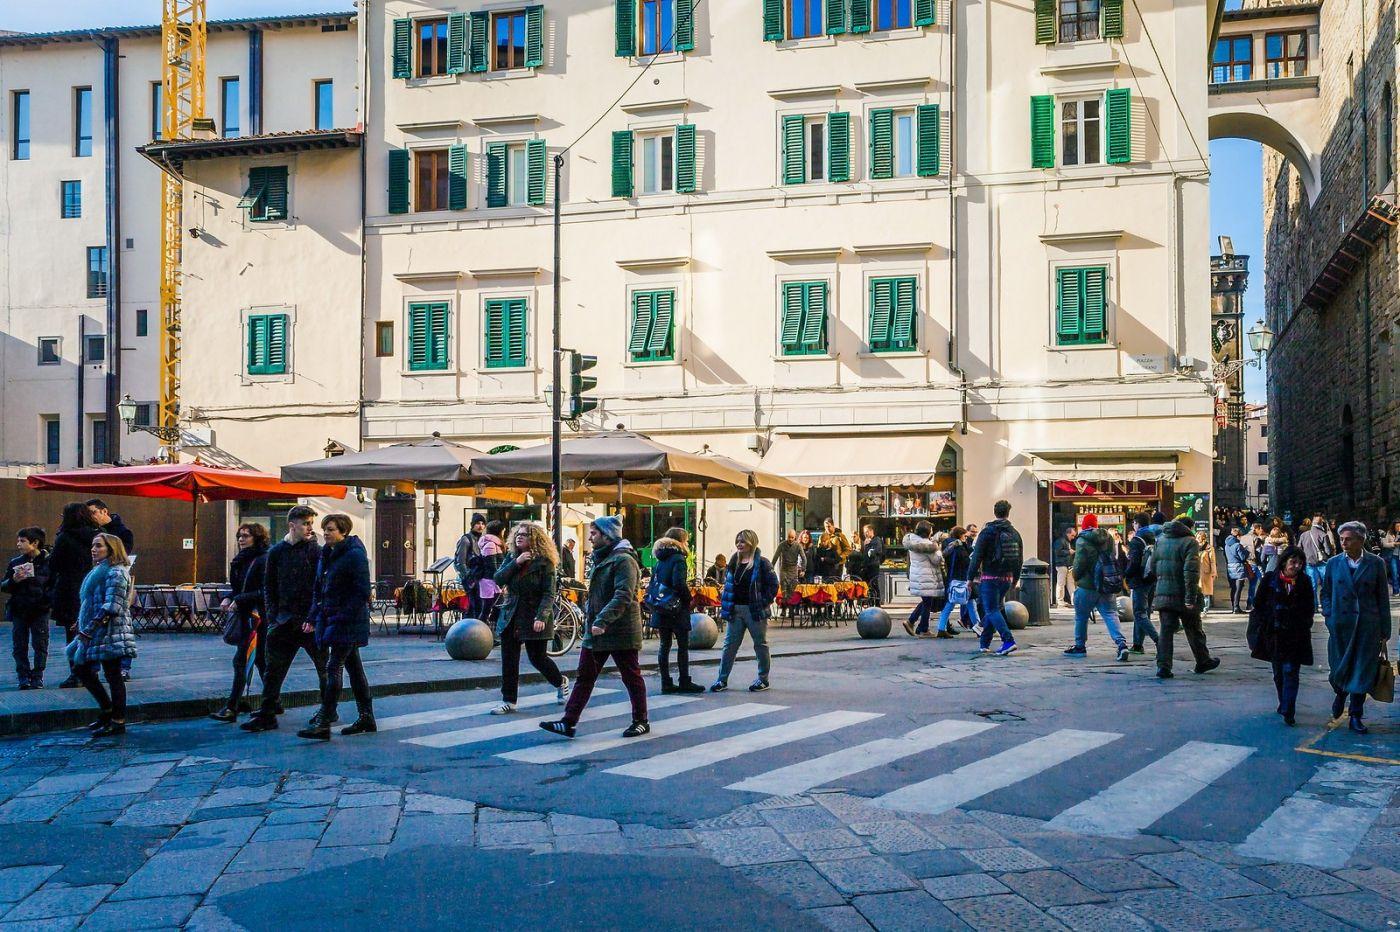 意大利佛罗伦萨(Florence),小街文化_图1-30